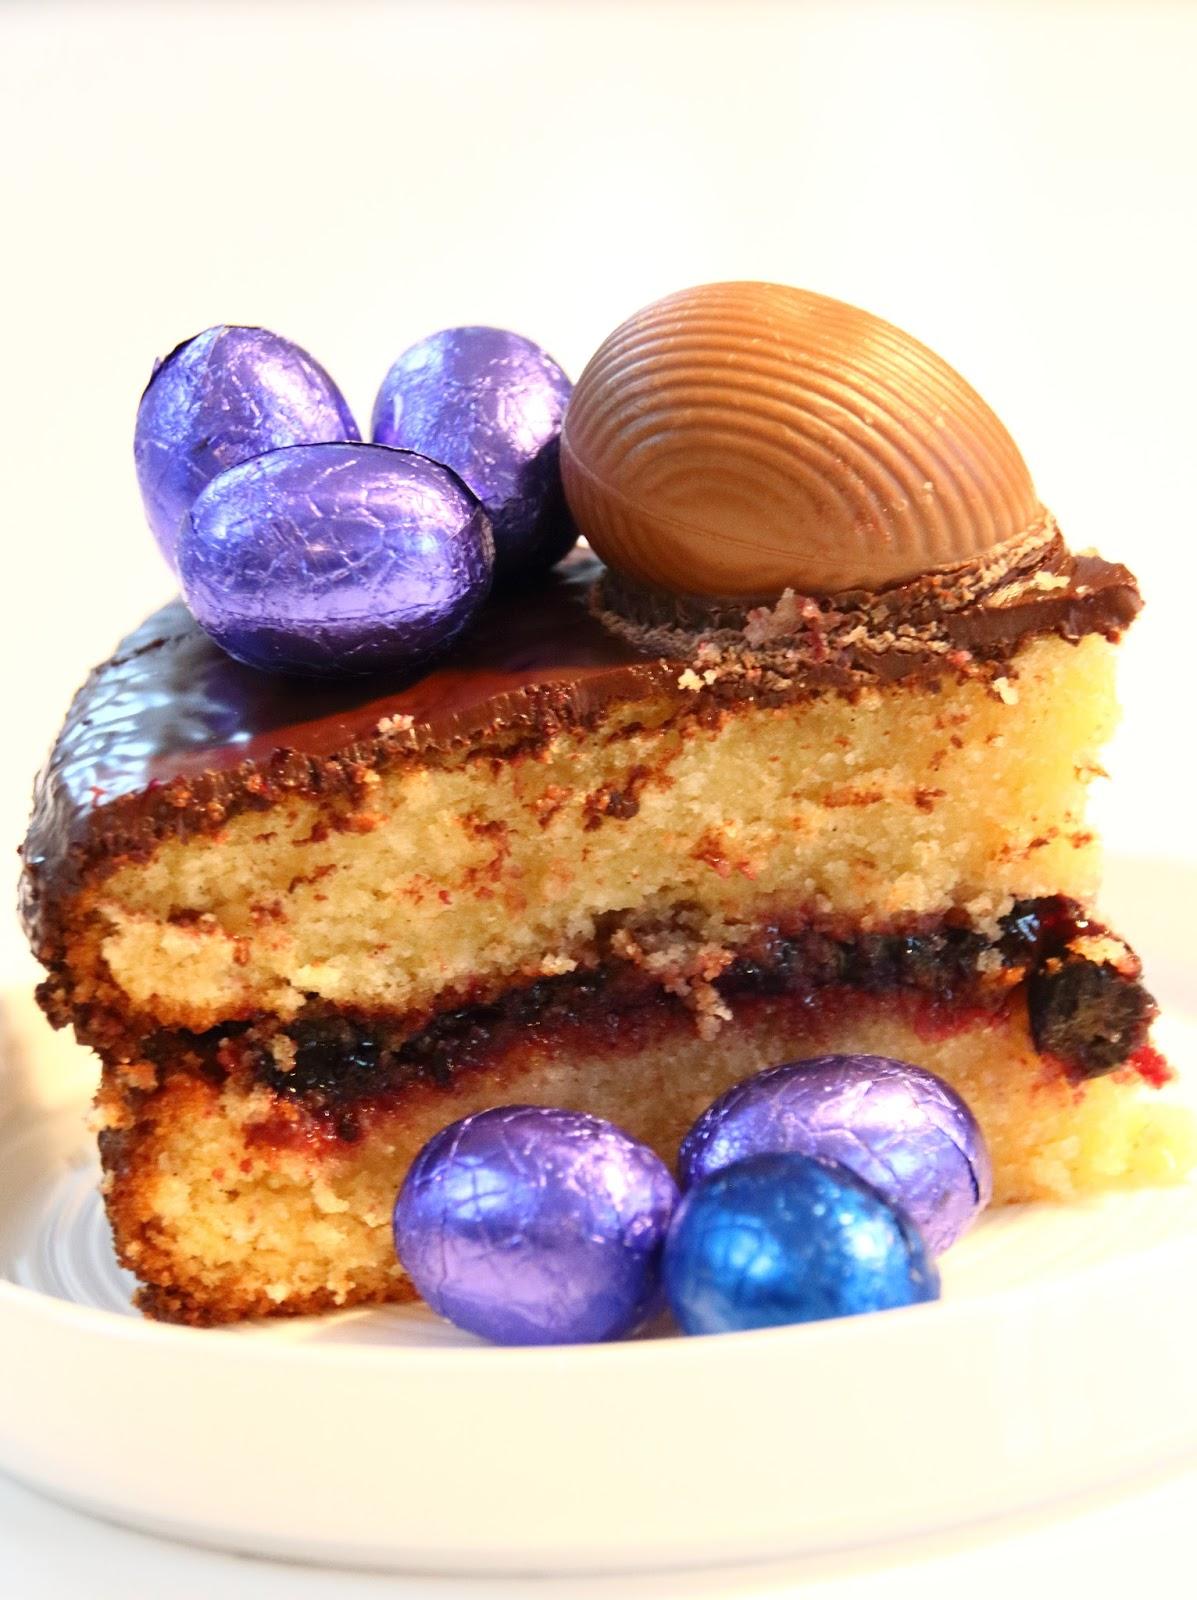 Designedlifeblog.blogspot.com Easter egg dump cake